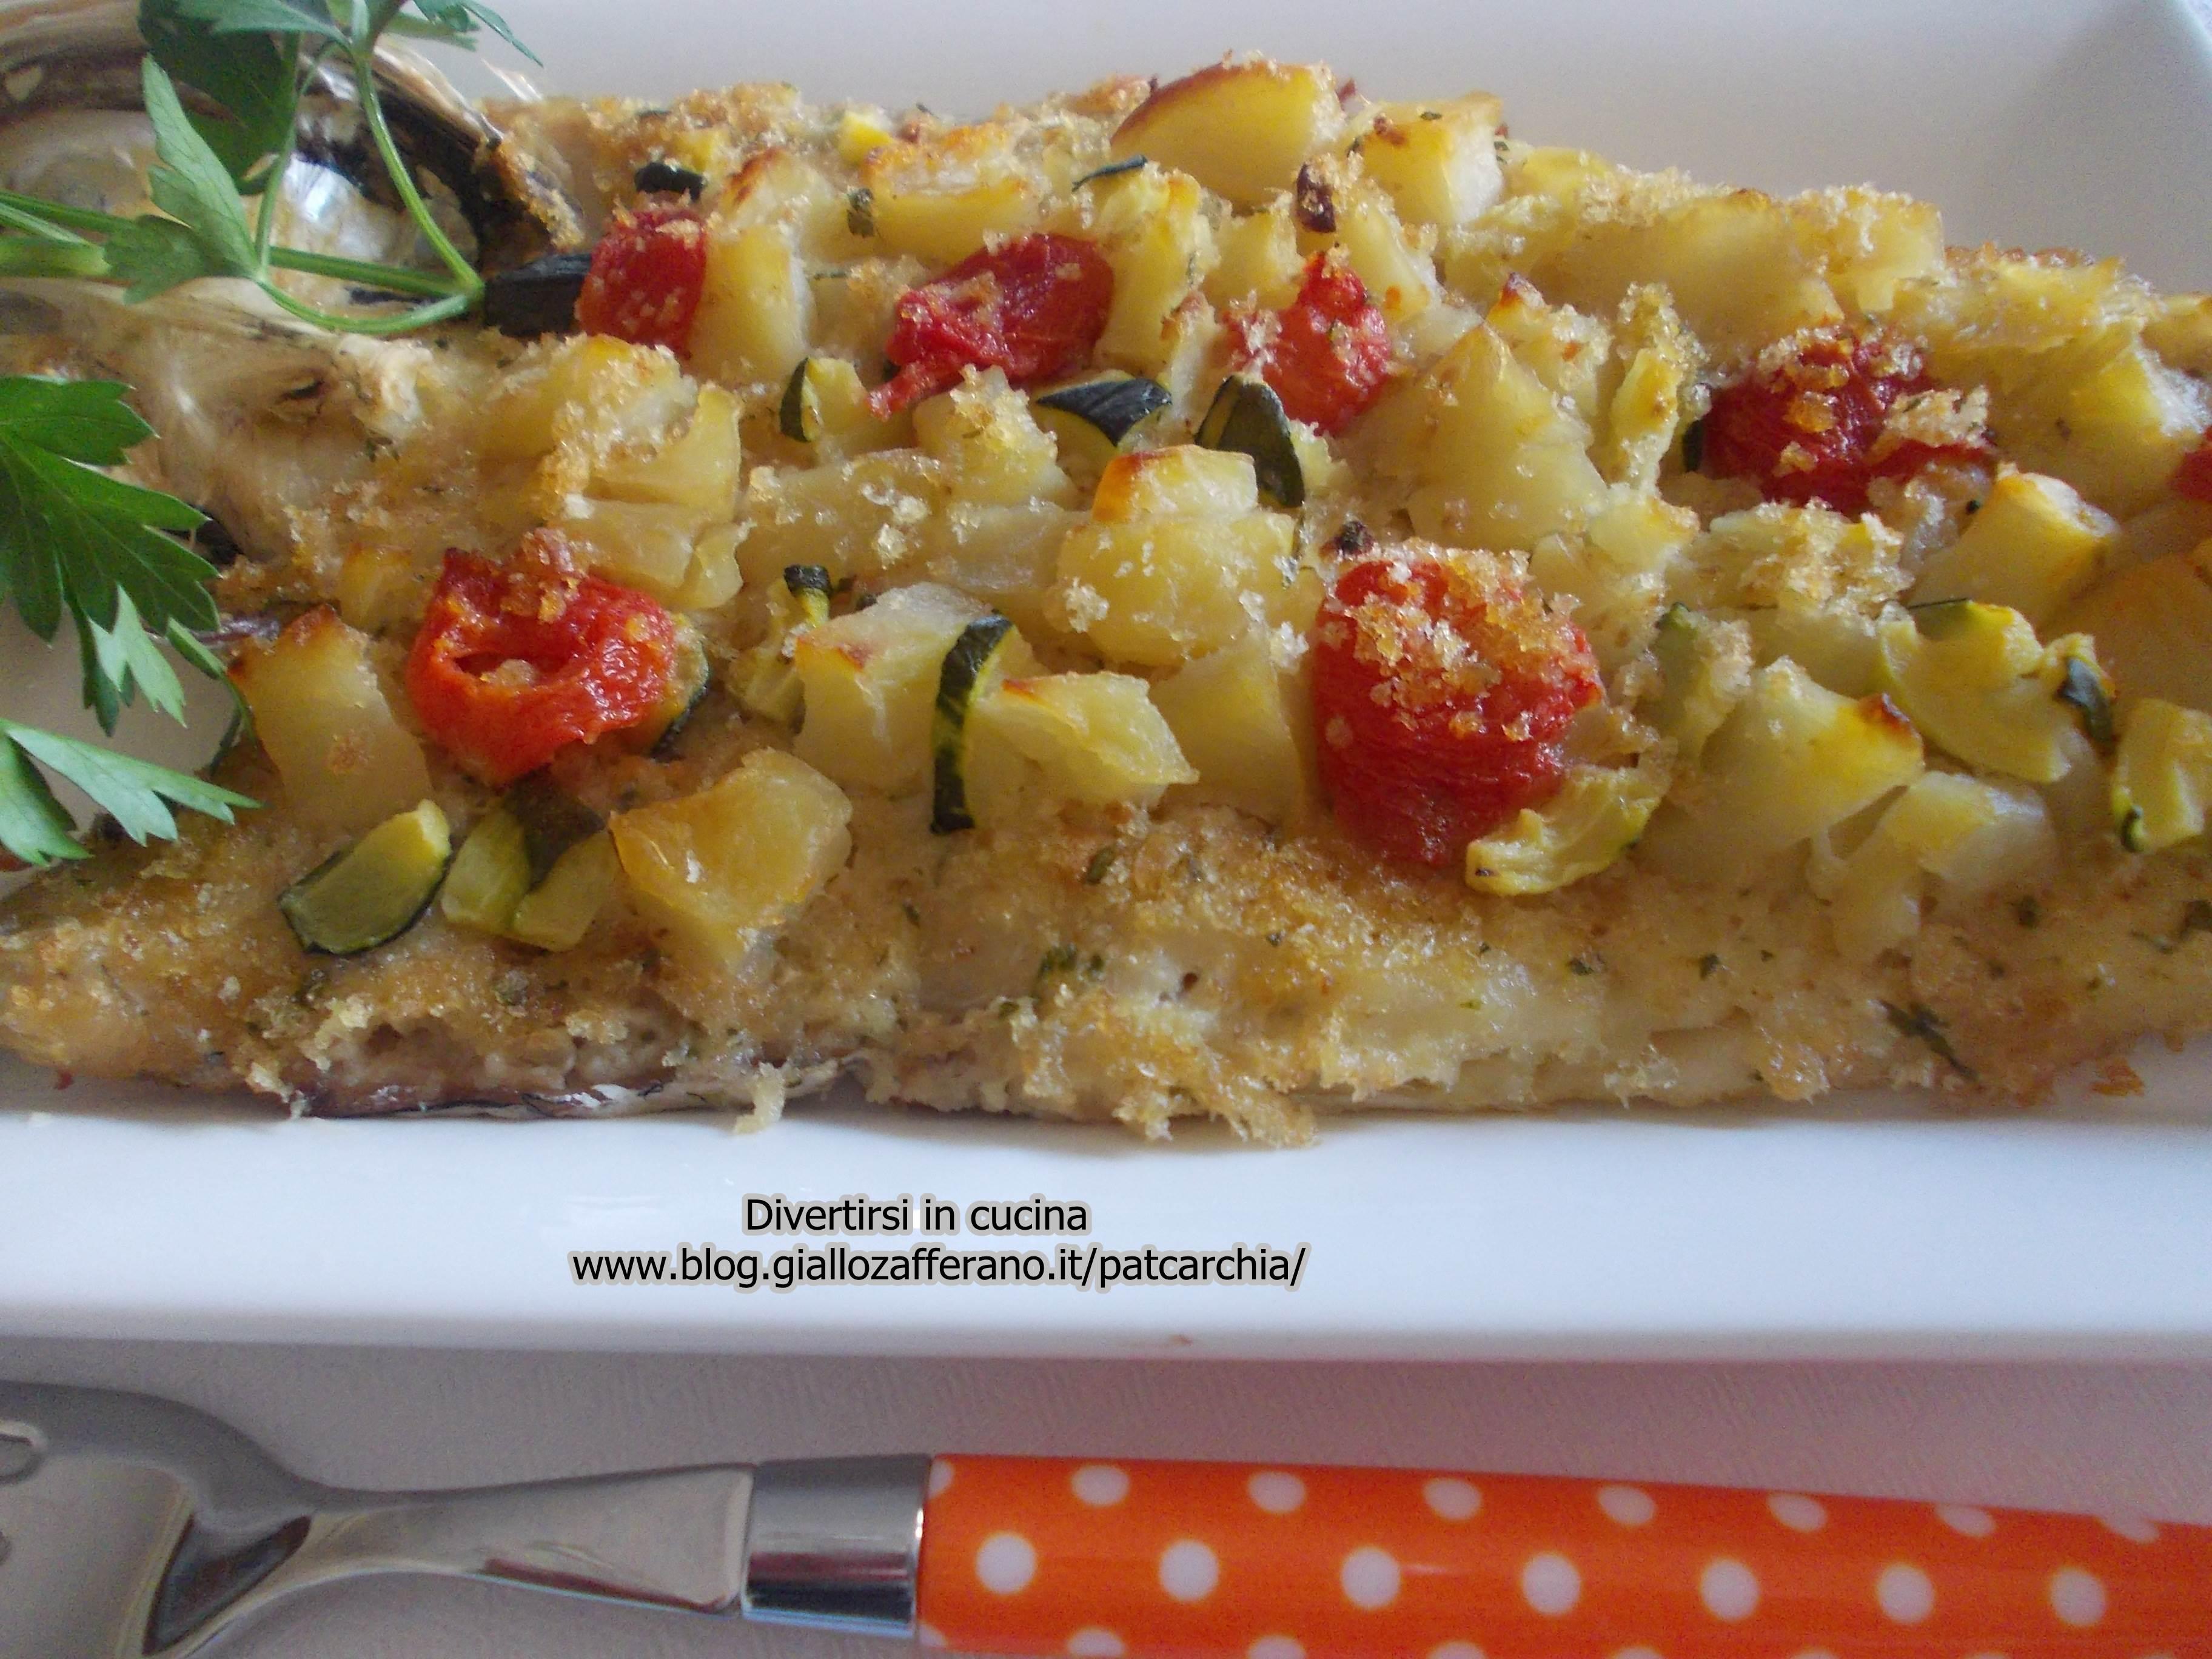 Merluzzi Al Forno Con Verdure Divertirsi In Cucina